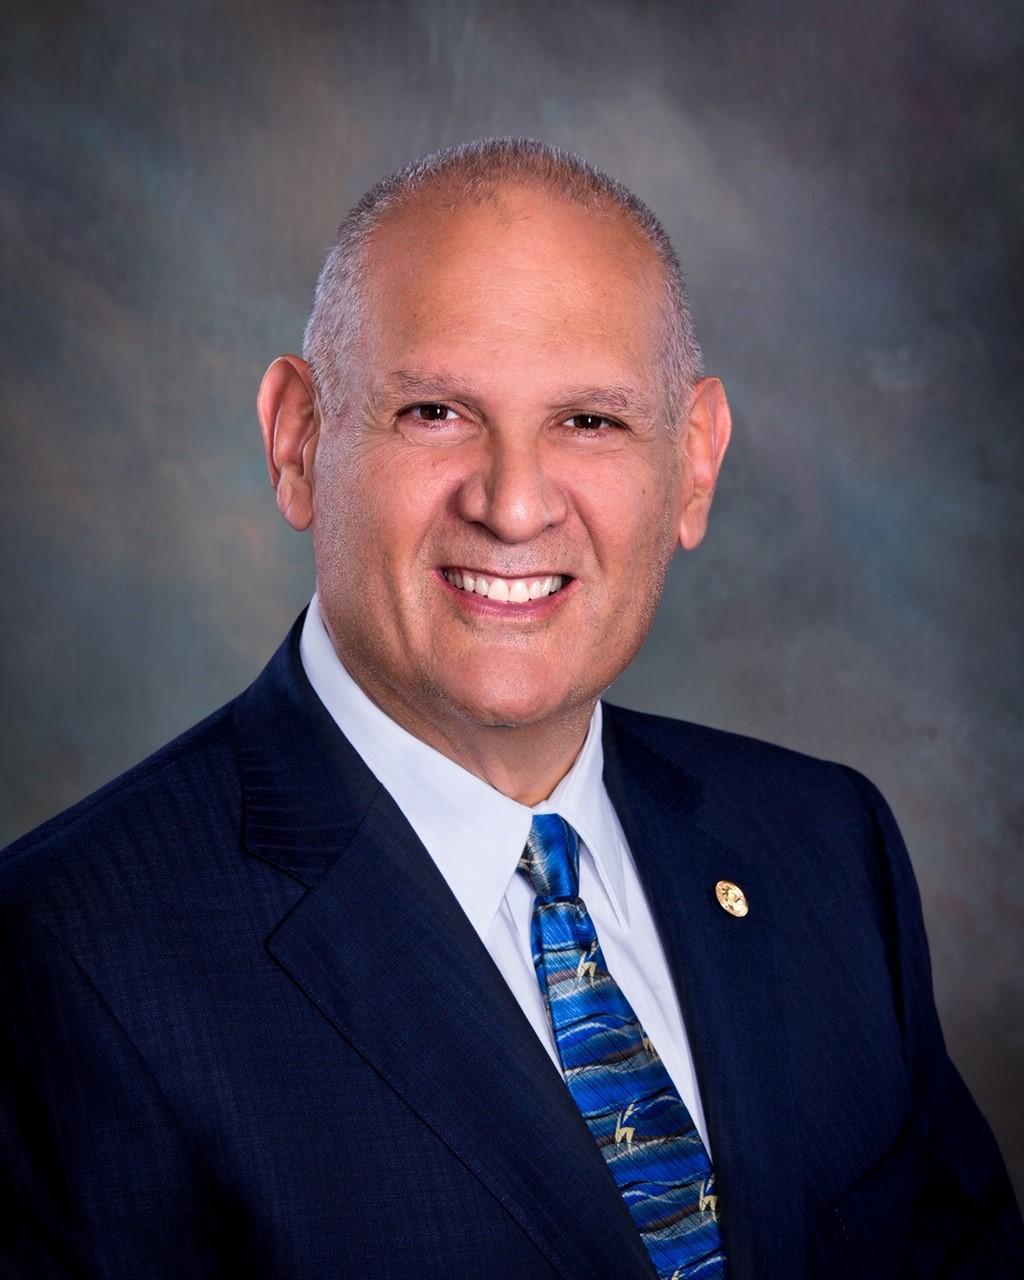 Headshot RSW-Vice Mayor Weinroth